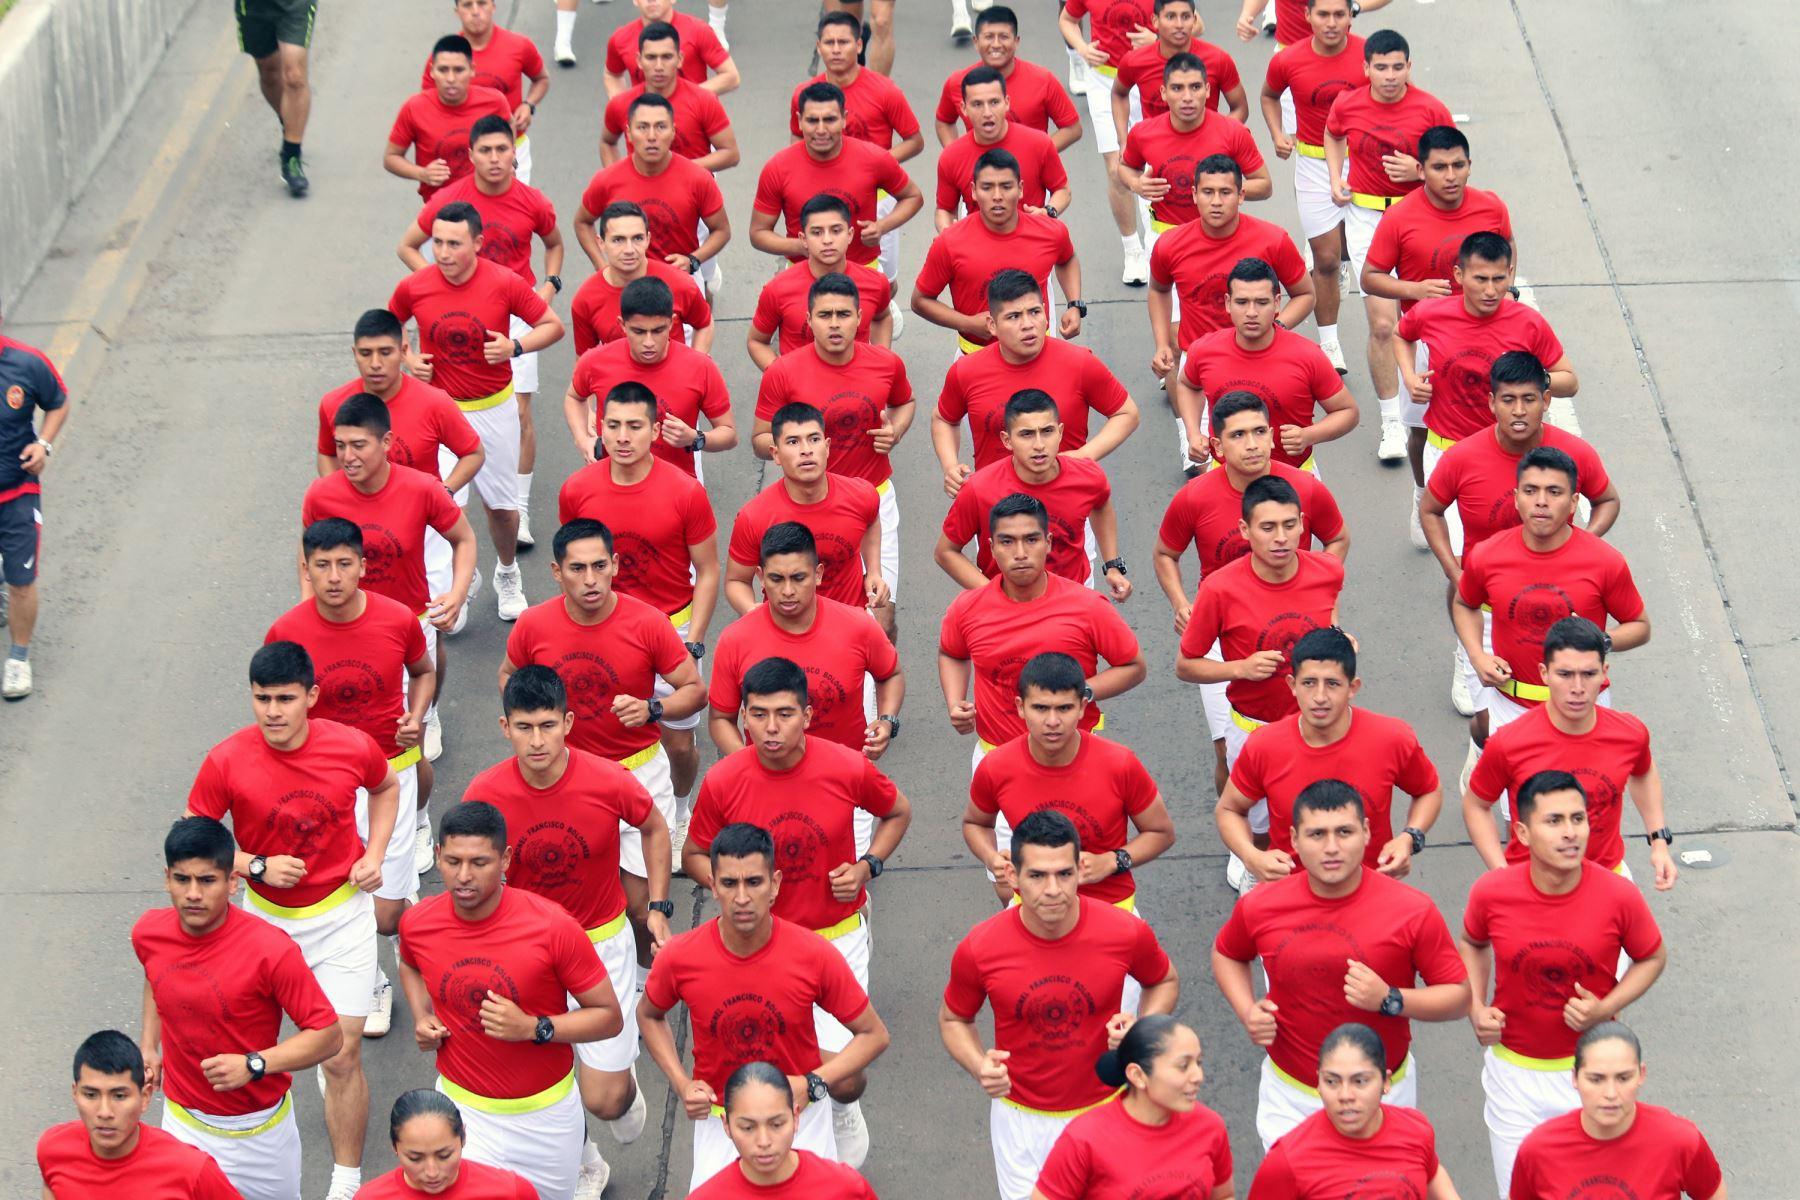 Integrantes de las Fuerzas Armadas junto al presidente Martín Vizcarra participan en la la XVII edición de la Carrera Cívico Militar 7.5K, en el marco de las actividades por el Día de las Fuerzas Armadas. Foto: ANDINA/Norman Córdova